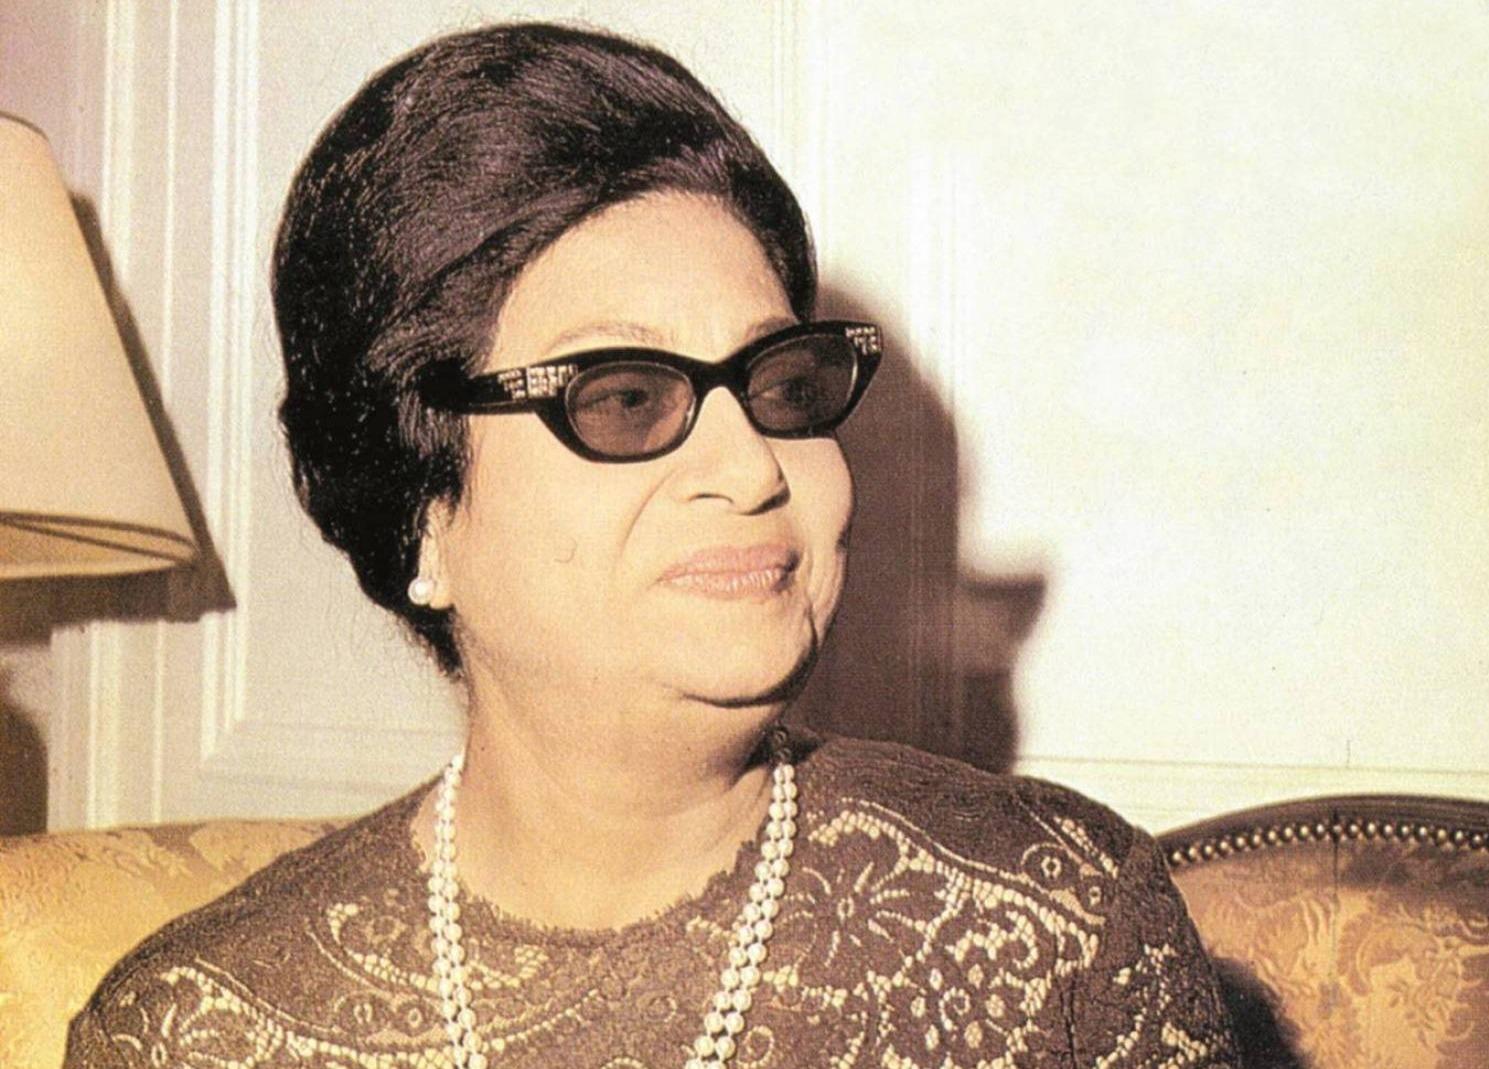 زوجة سيد مكاوي: أم كلثوم تستحق أن تكون ملكة مصر (فيديو)